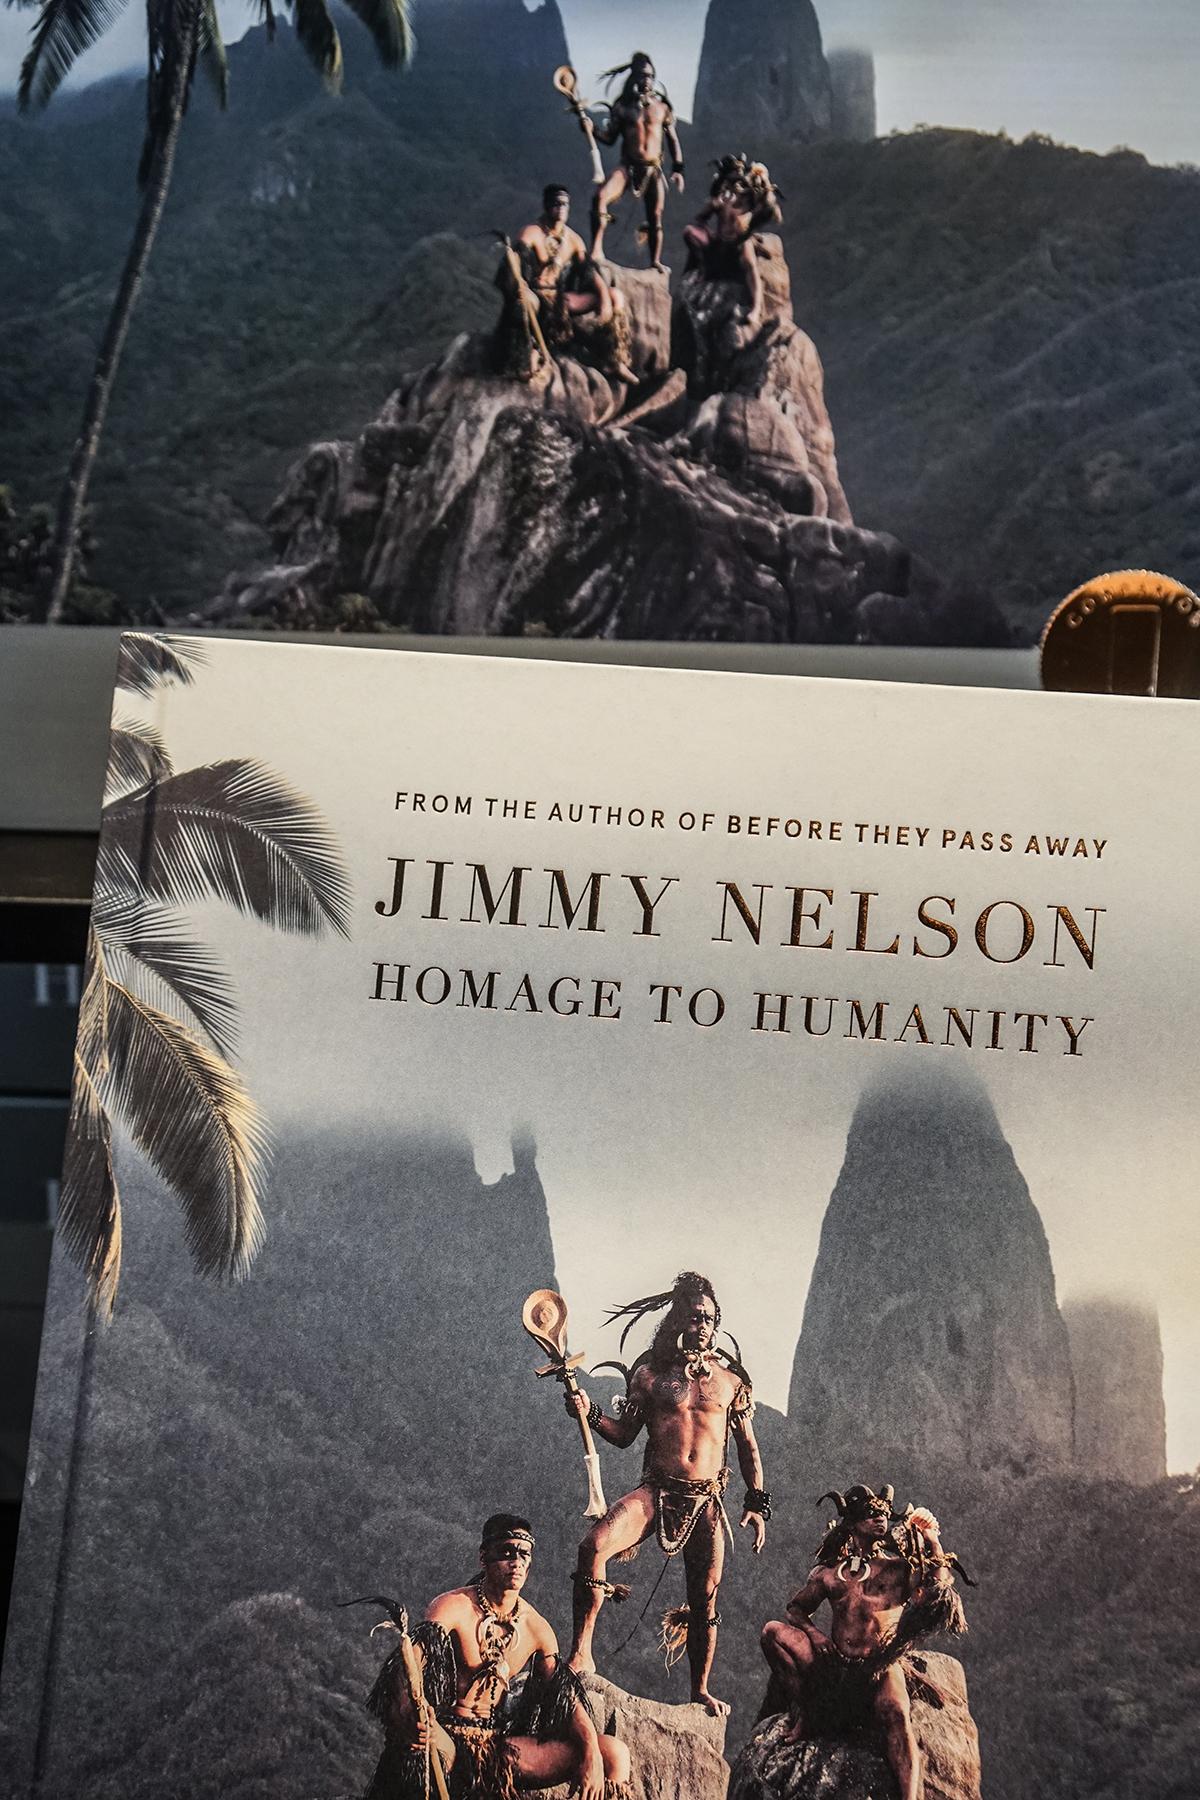 utställning på fotografiska Jimmy Nelson